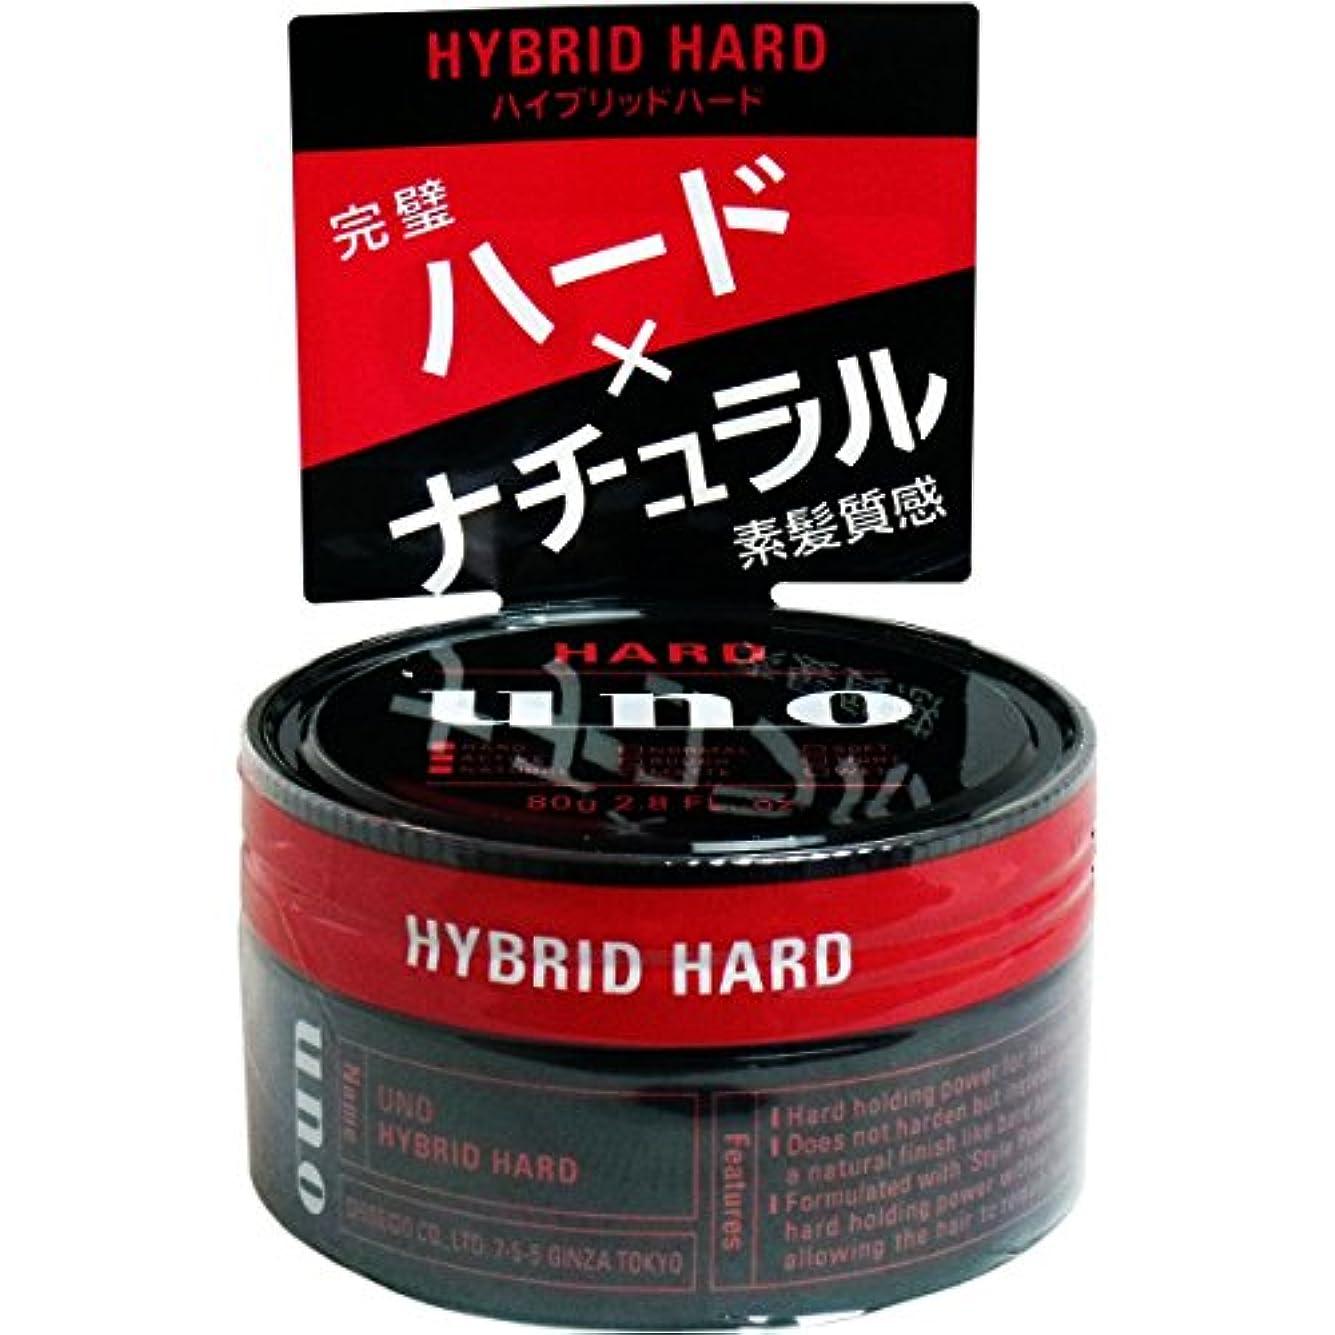 ふさわしい水銀の処理ウーノ ハイブリッドハード 80g ワックス×9